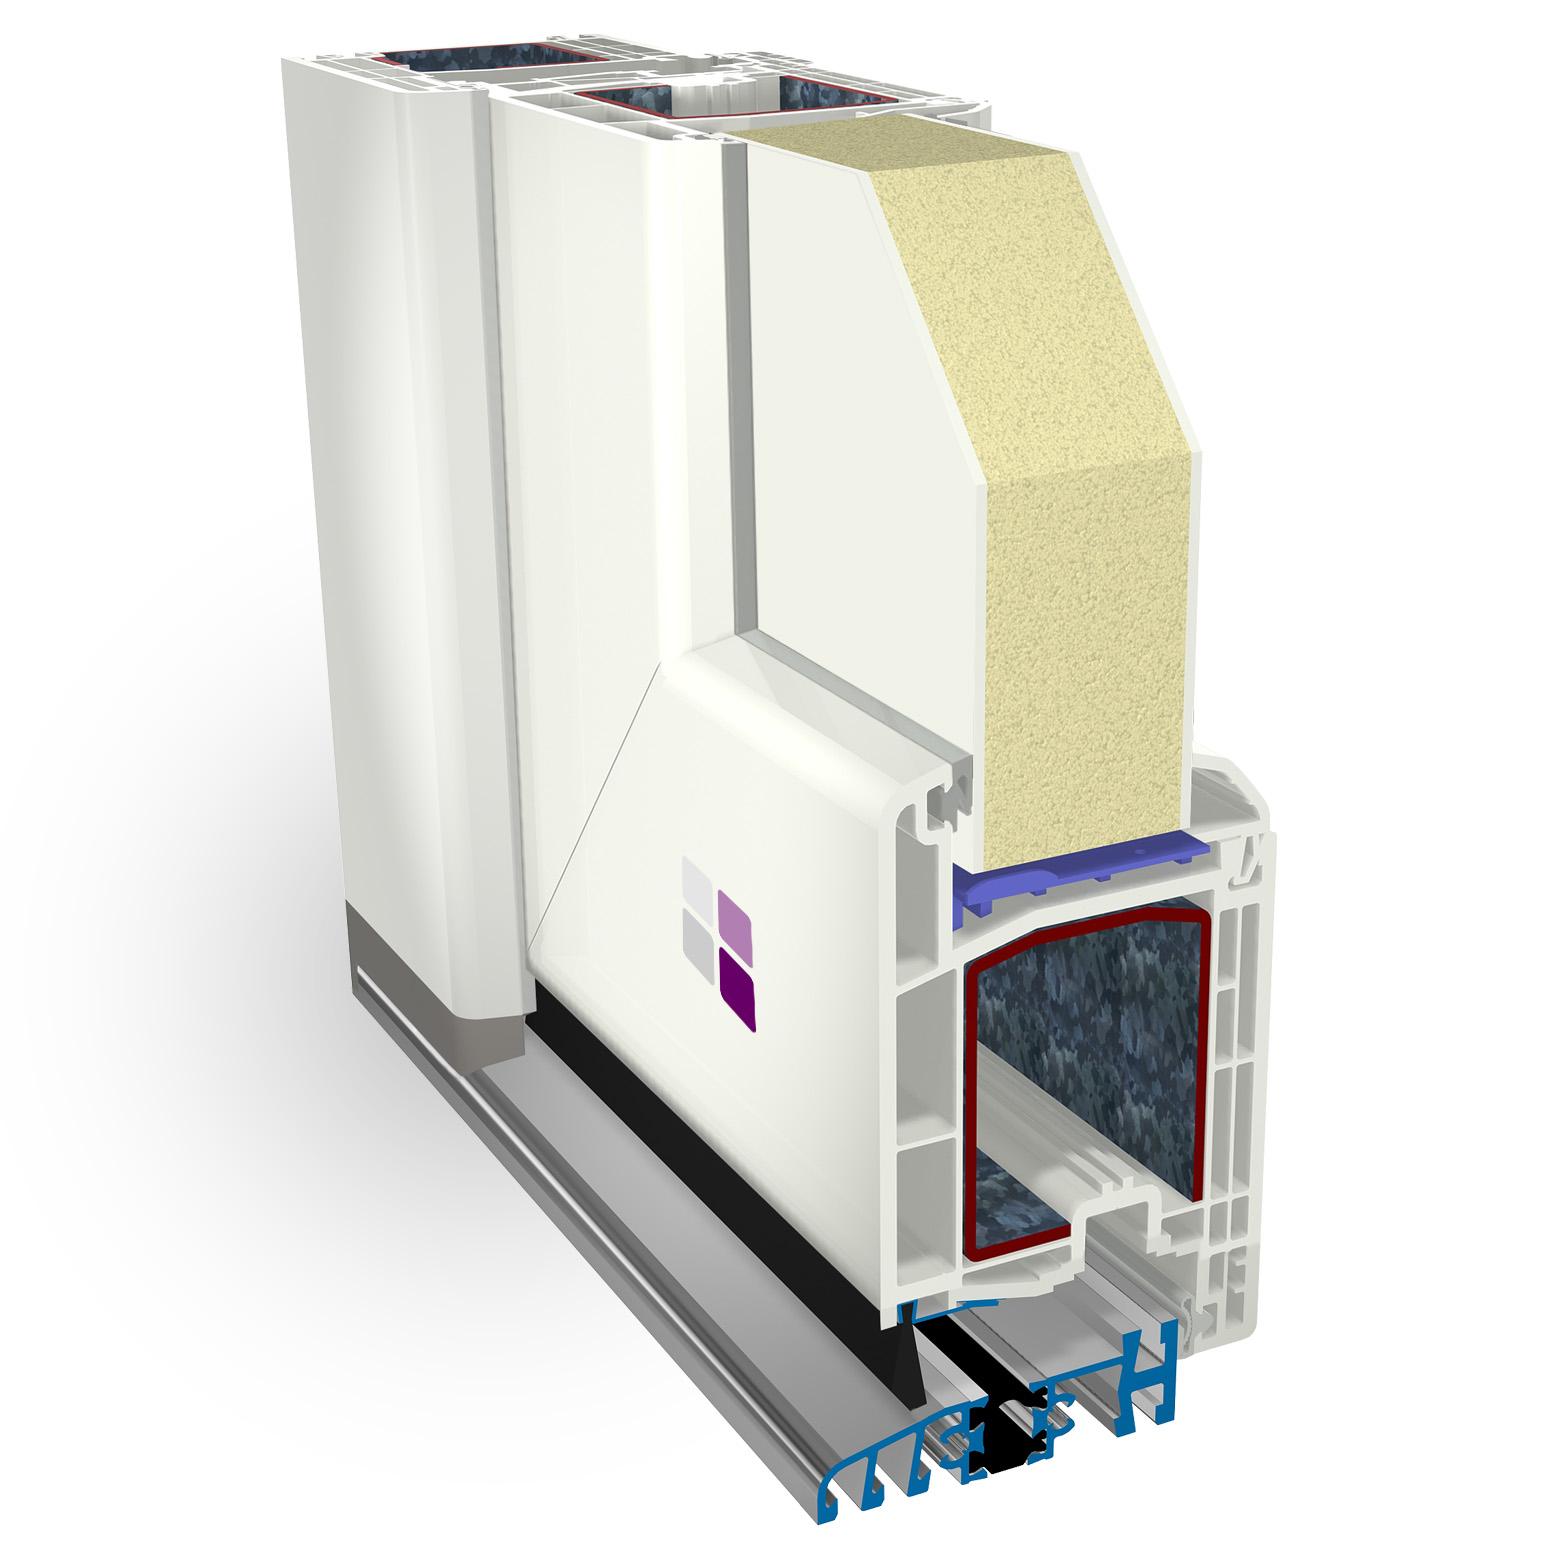 Sección 3D de los componentes de la puerta de entrada cálida pvc.